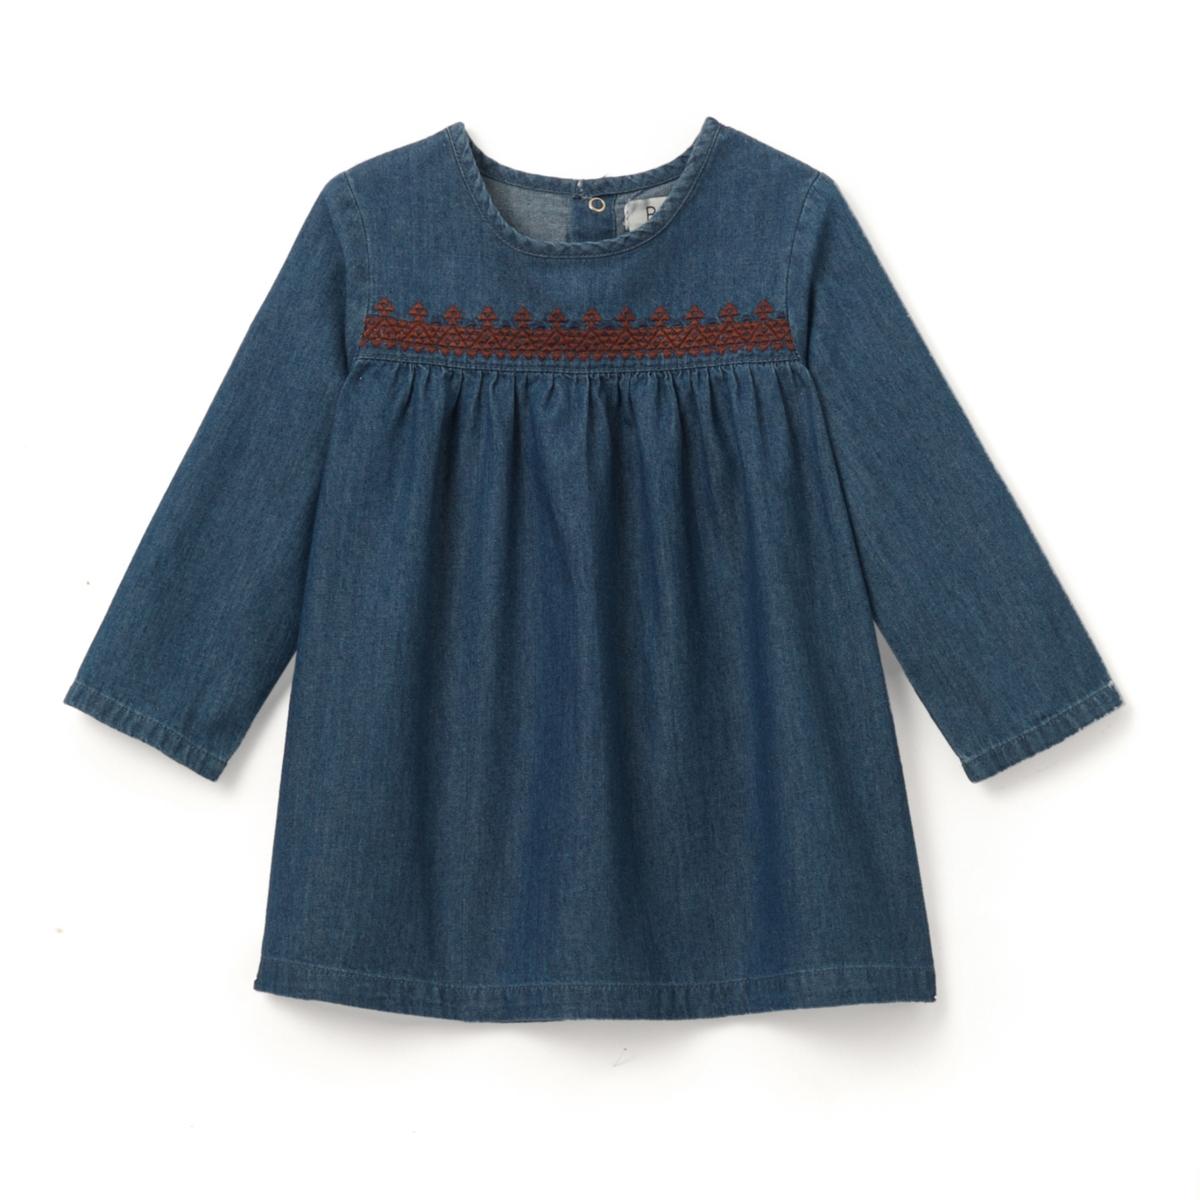 Платье джинсовое с вышивкой, 1 мес. - 3 летДжинсовое платье с длинными рукавами. Отрезная деталь по линии груди украшена контрастной вышивкой и подчеркнута складками. Застежка на пуговицы сзади до середины спинки.Состав и описание : Материал       деним, 100% хлопокУход:Машинная стирка при 30 °C с вещами схожих цветов.Стирка и глажка с изнаночной стороны.Машинная сушка на обычном режиме.Гладить на средней температуре.<br><br>Цвет: синий потертый<br>Размер: 1 мес. - 54 см.2 года - 86 см.18 мес. - 81 см.6 мес. - 67 см